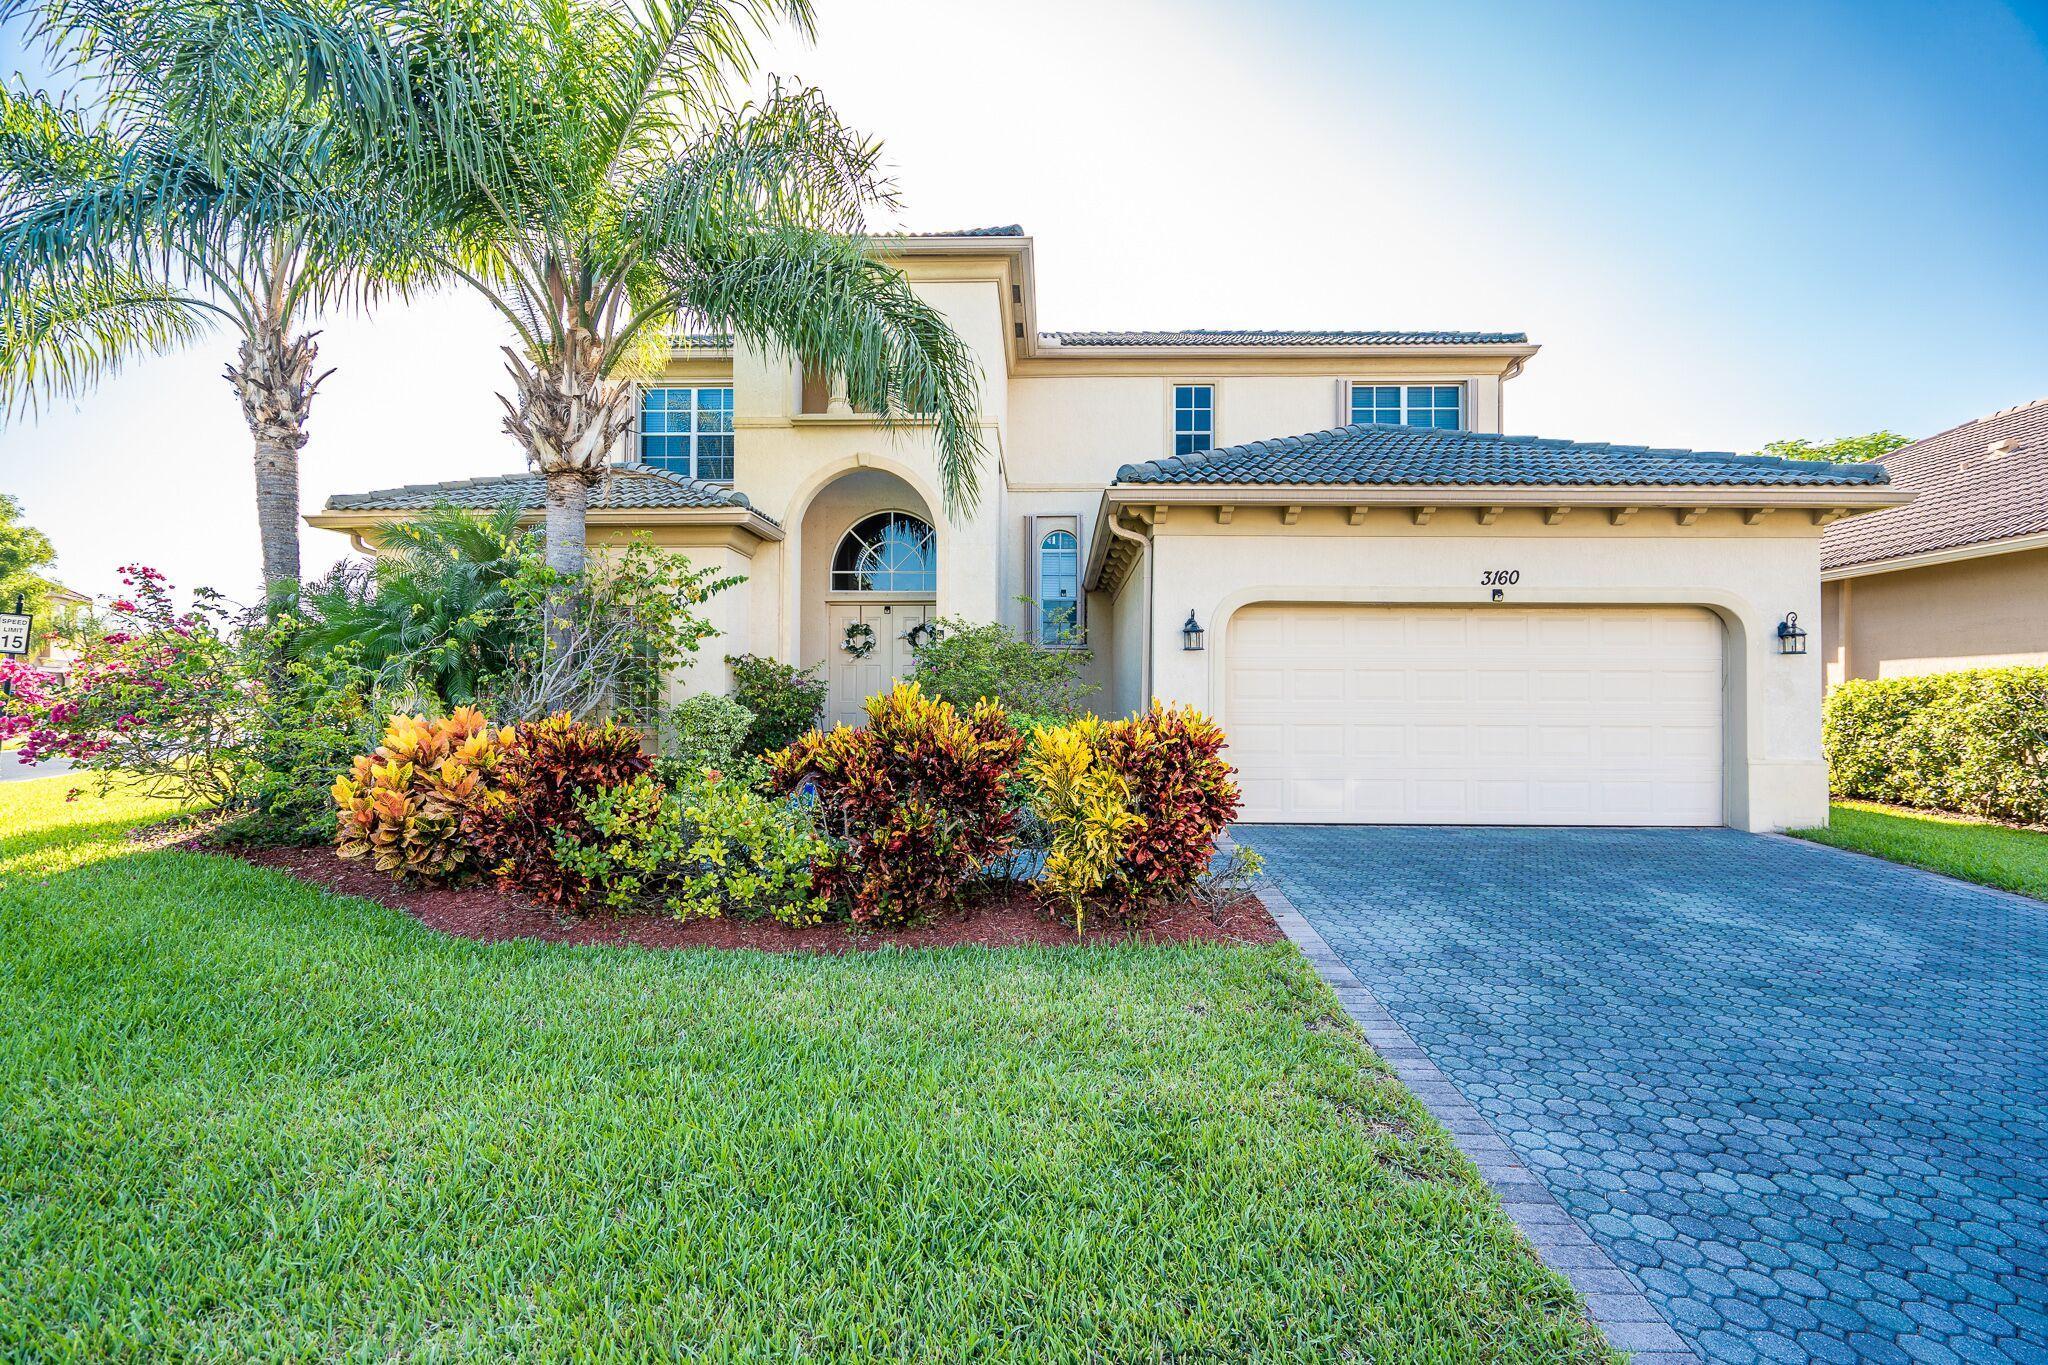 3160 Eden Court - Royal Palm Beach, Florida